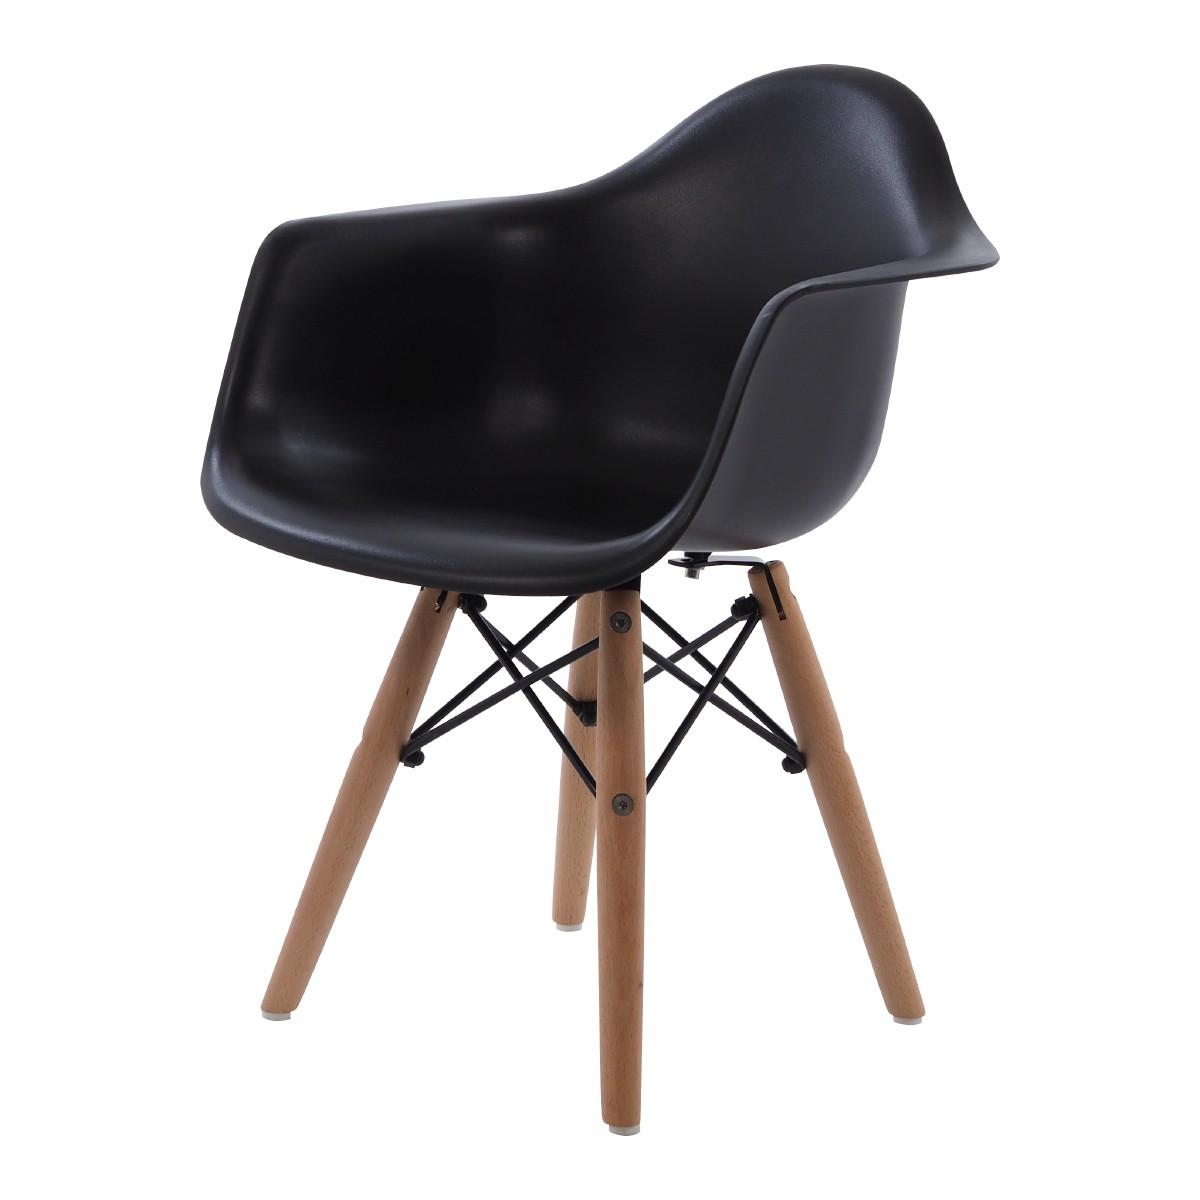 charles eames kinderstuhl daw junior design kinderstuhl. Black Bedroom Furniture Sets. Home Design Ideas